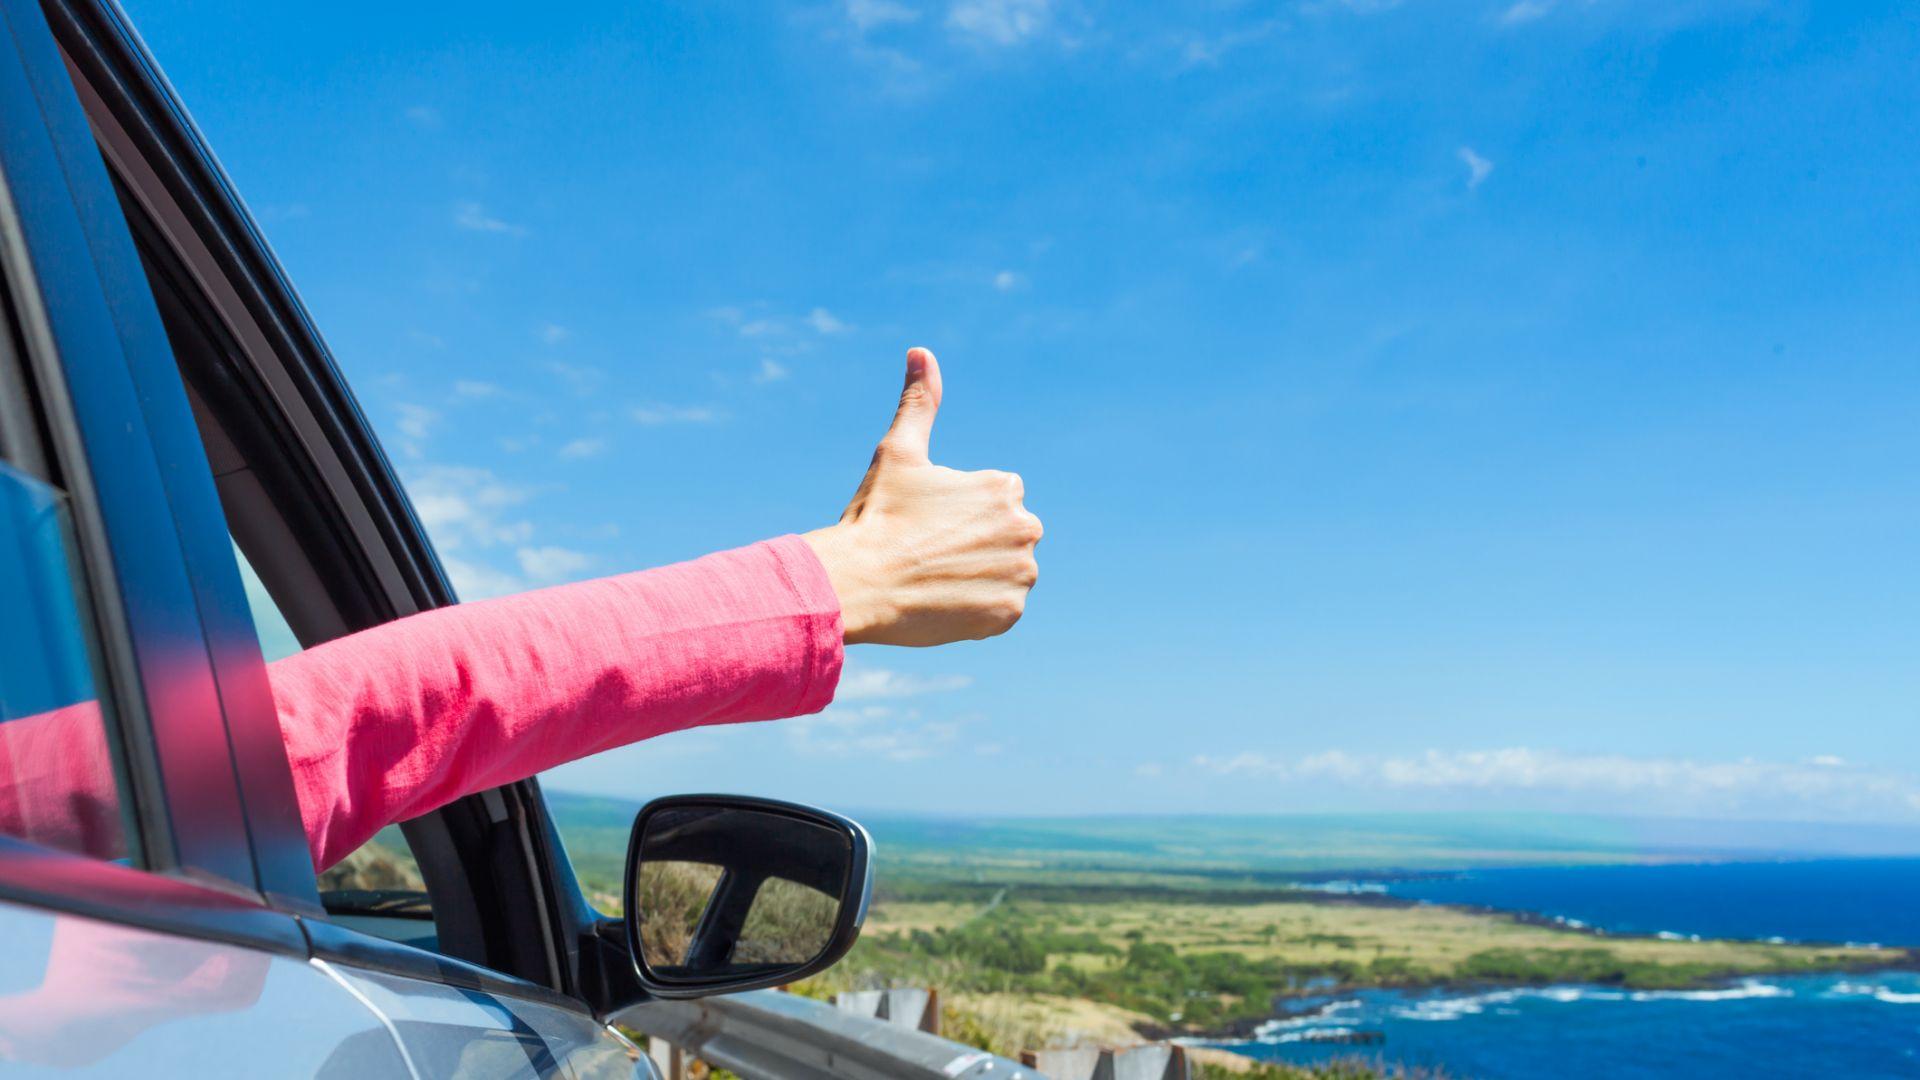 Автокаското е правилният избор за собствениците на автомобили